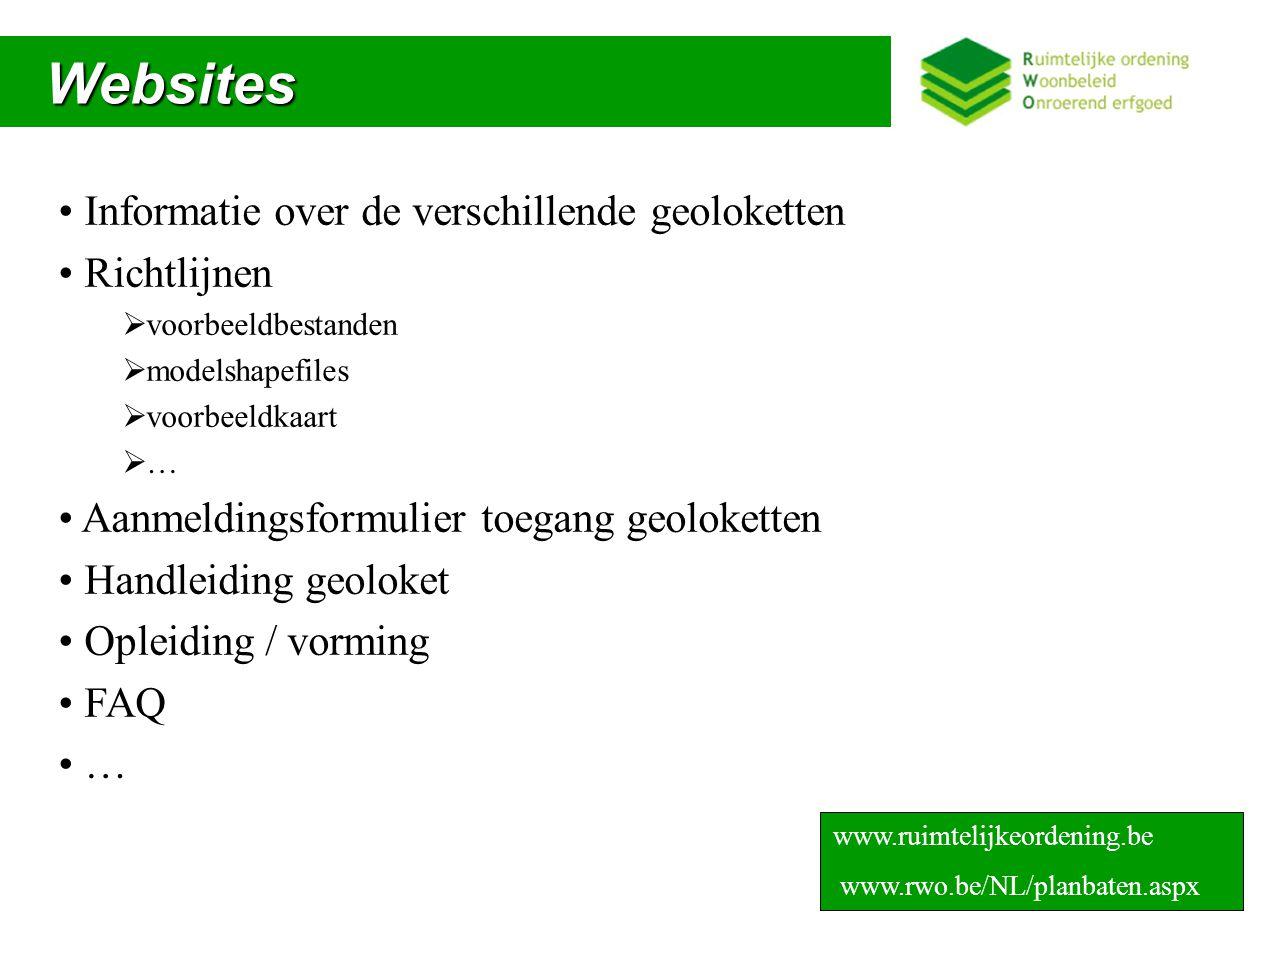 Websites Websites Informatie over de verschillende geoloketten Richtlijnen  voorbeeldbestanden  modelshapefiles  voorbeeldkaart  … Aanmeldingsformulier toegang geoloketten Handleiding geoloket Opleiding / vorming FAQ … www.ruimtelijkeordening.be www.rwo.be/NL/planbaten.aspx